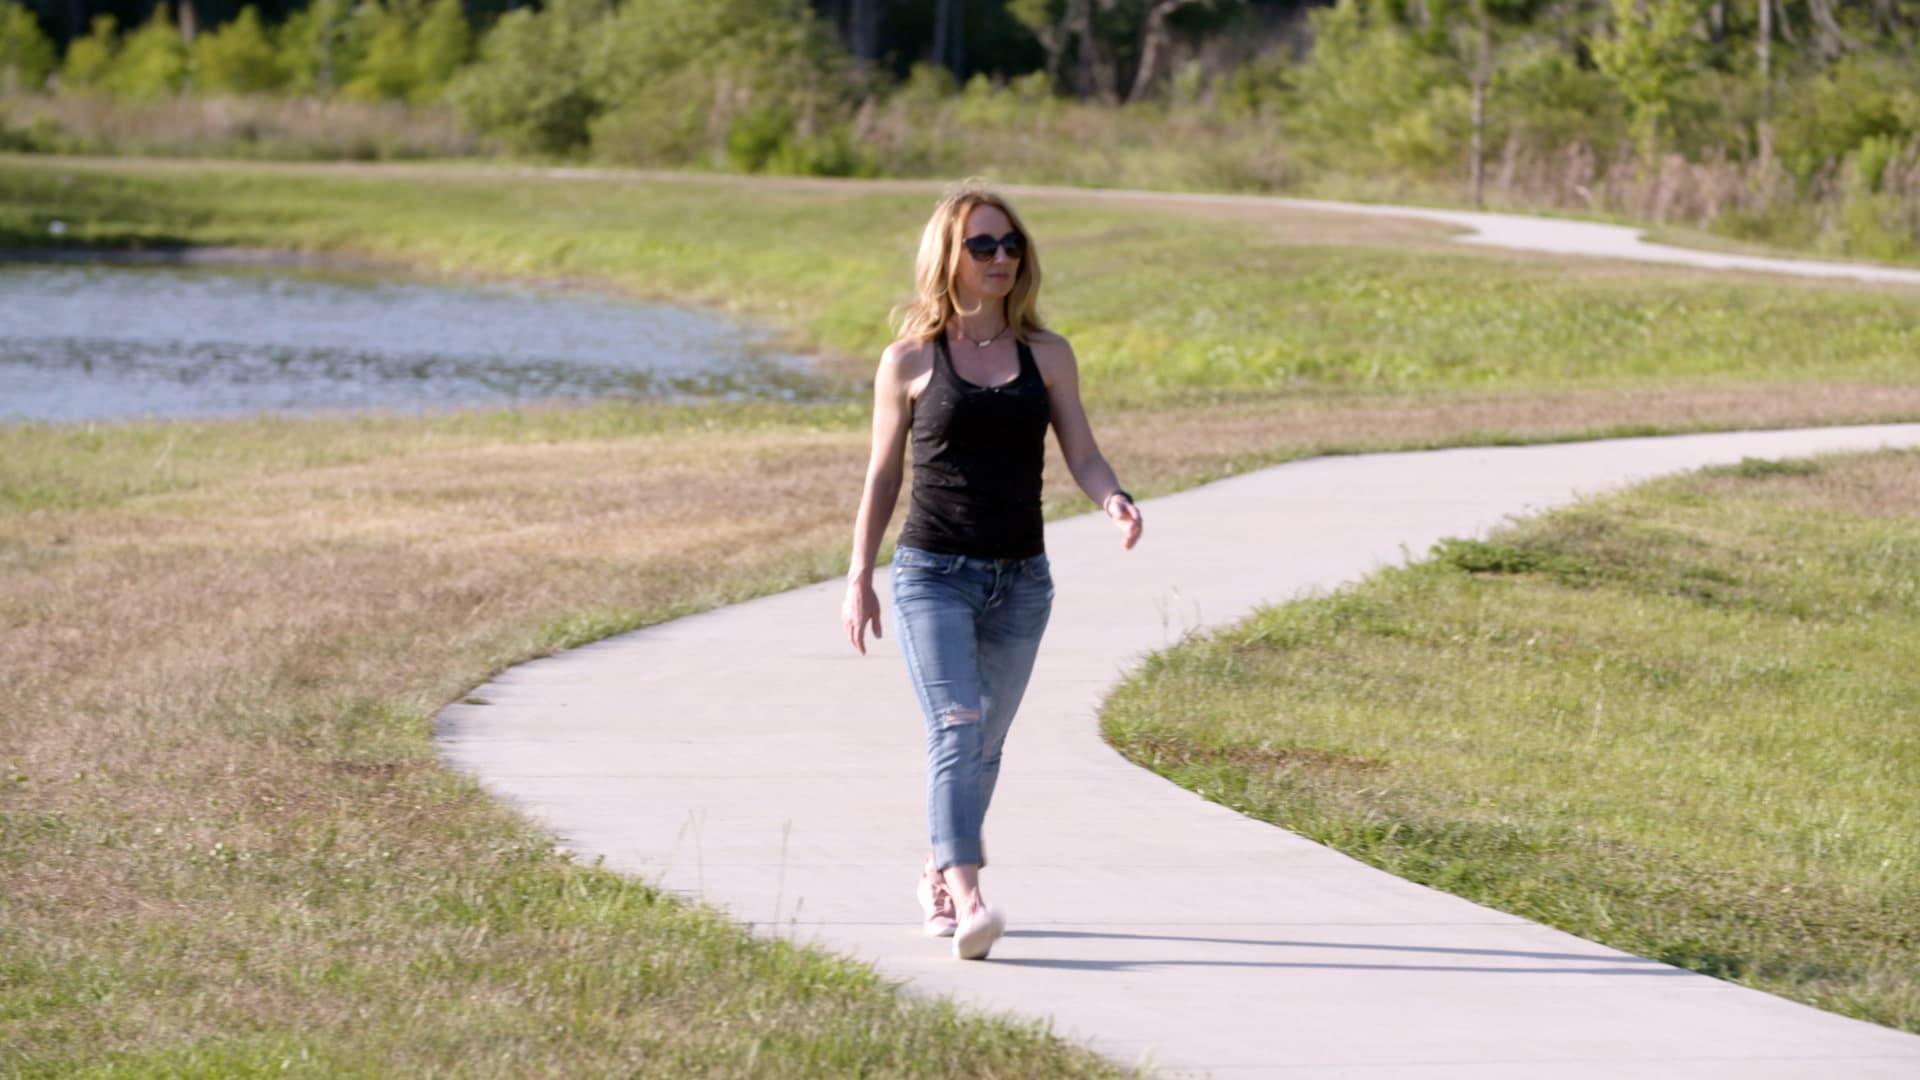 كيف تمشي؟ إليك خطوات لتحسين بعض الأخطاء الأكثر شيوعًا في المشي